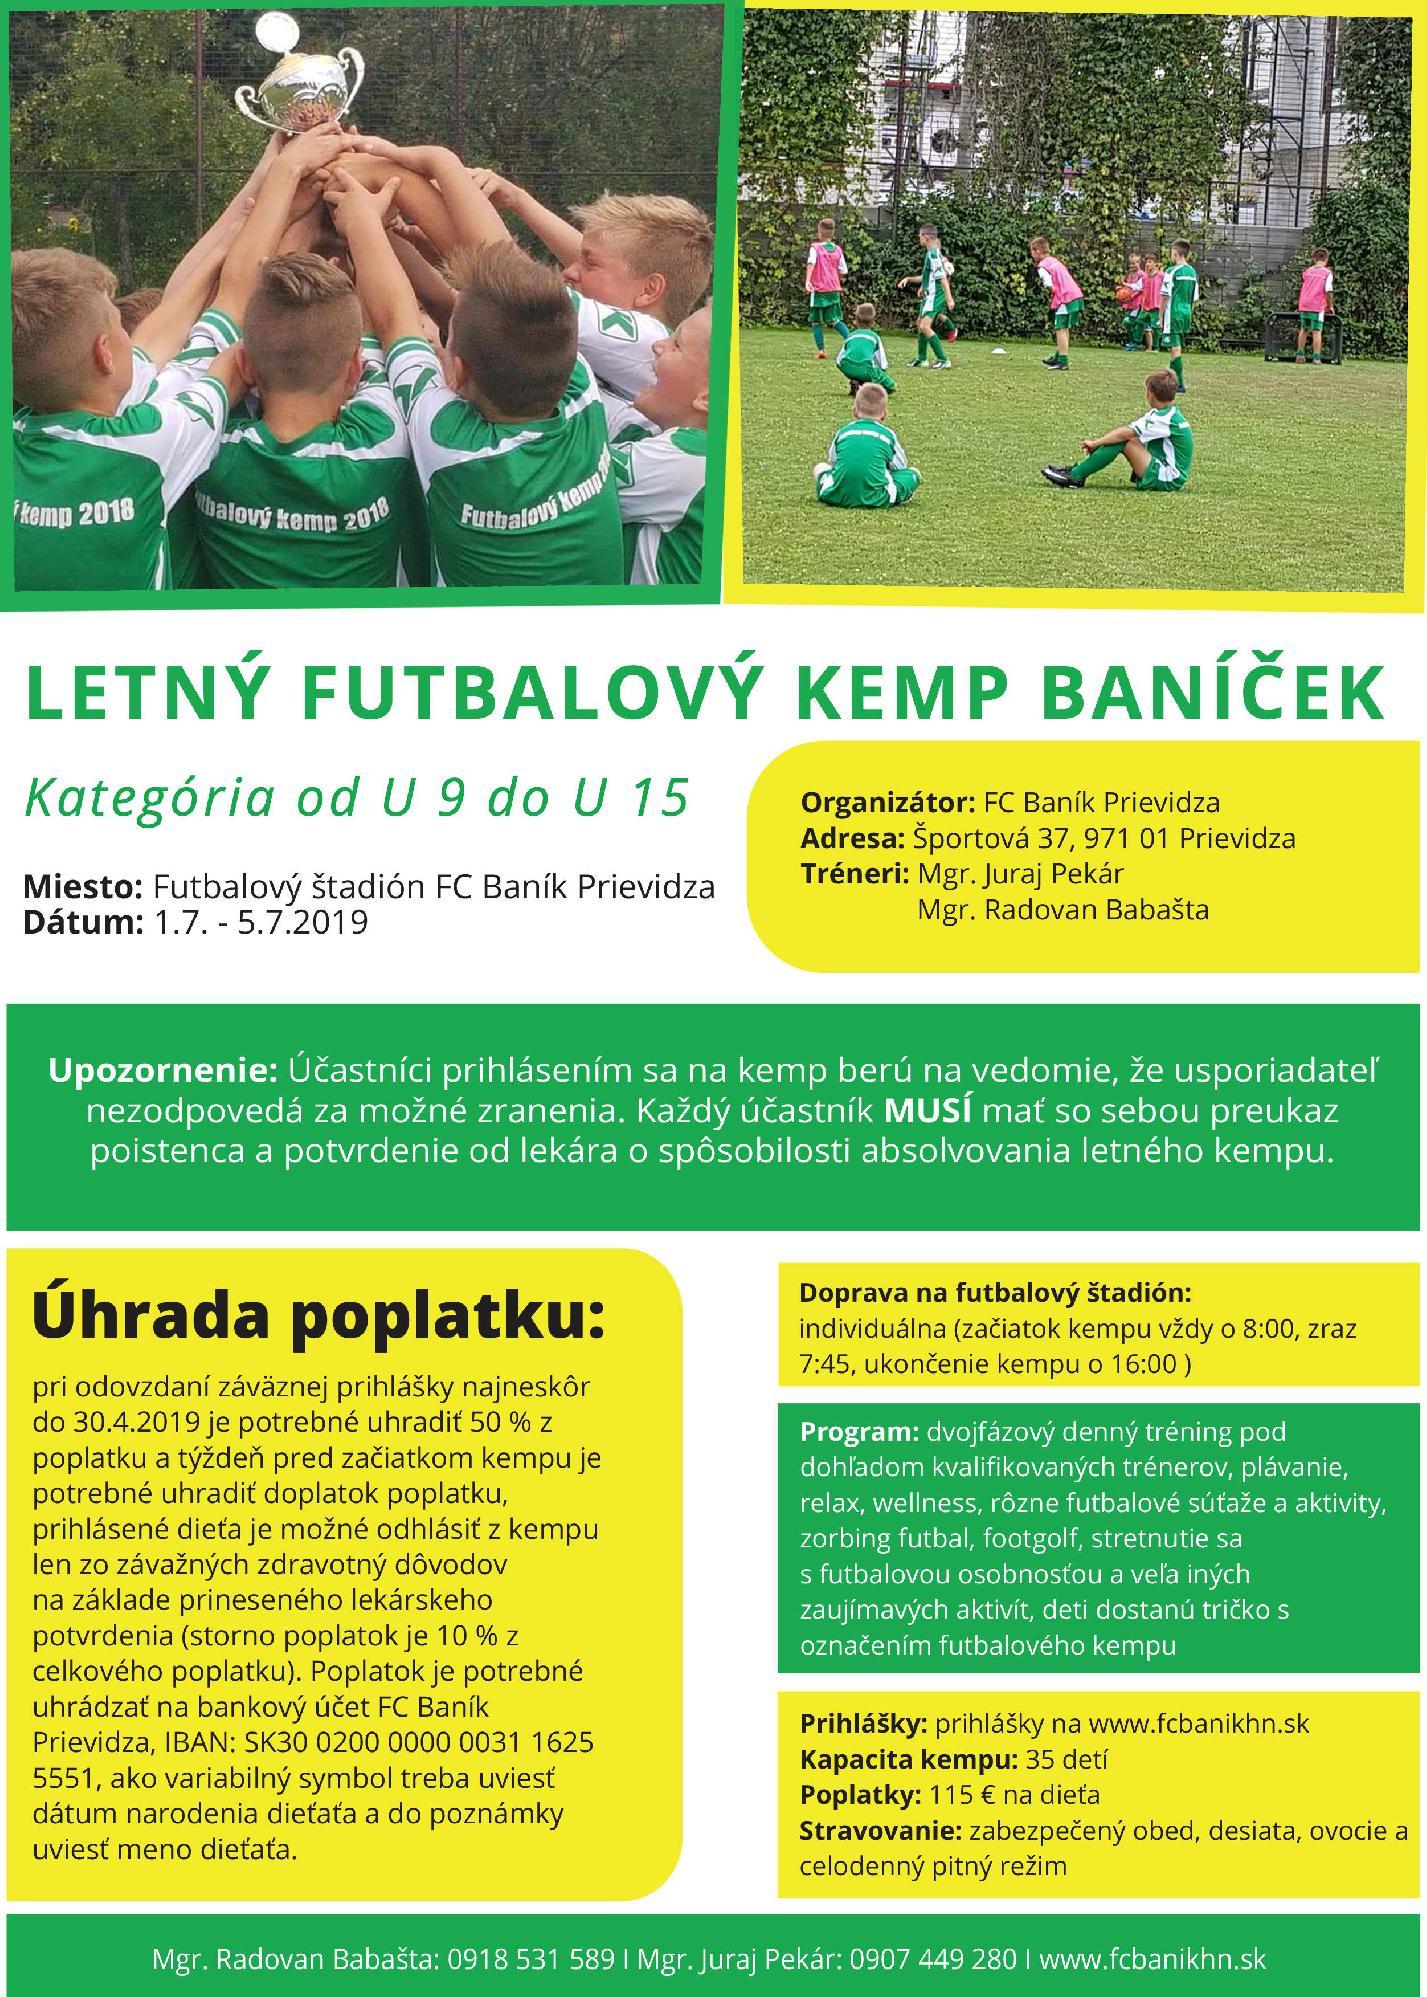 obr: Letný futbalový kemp Baníček 2019